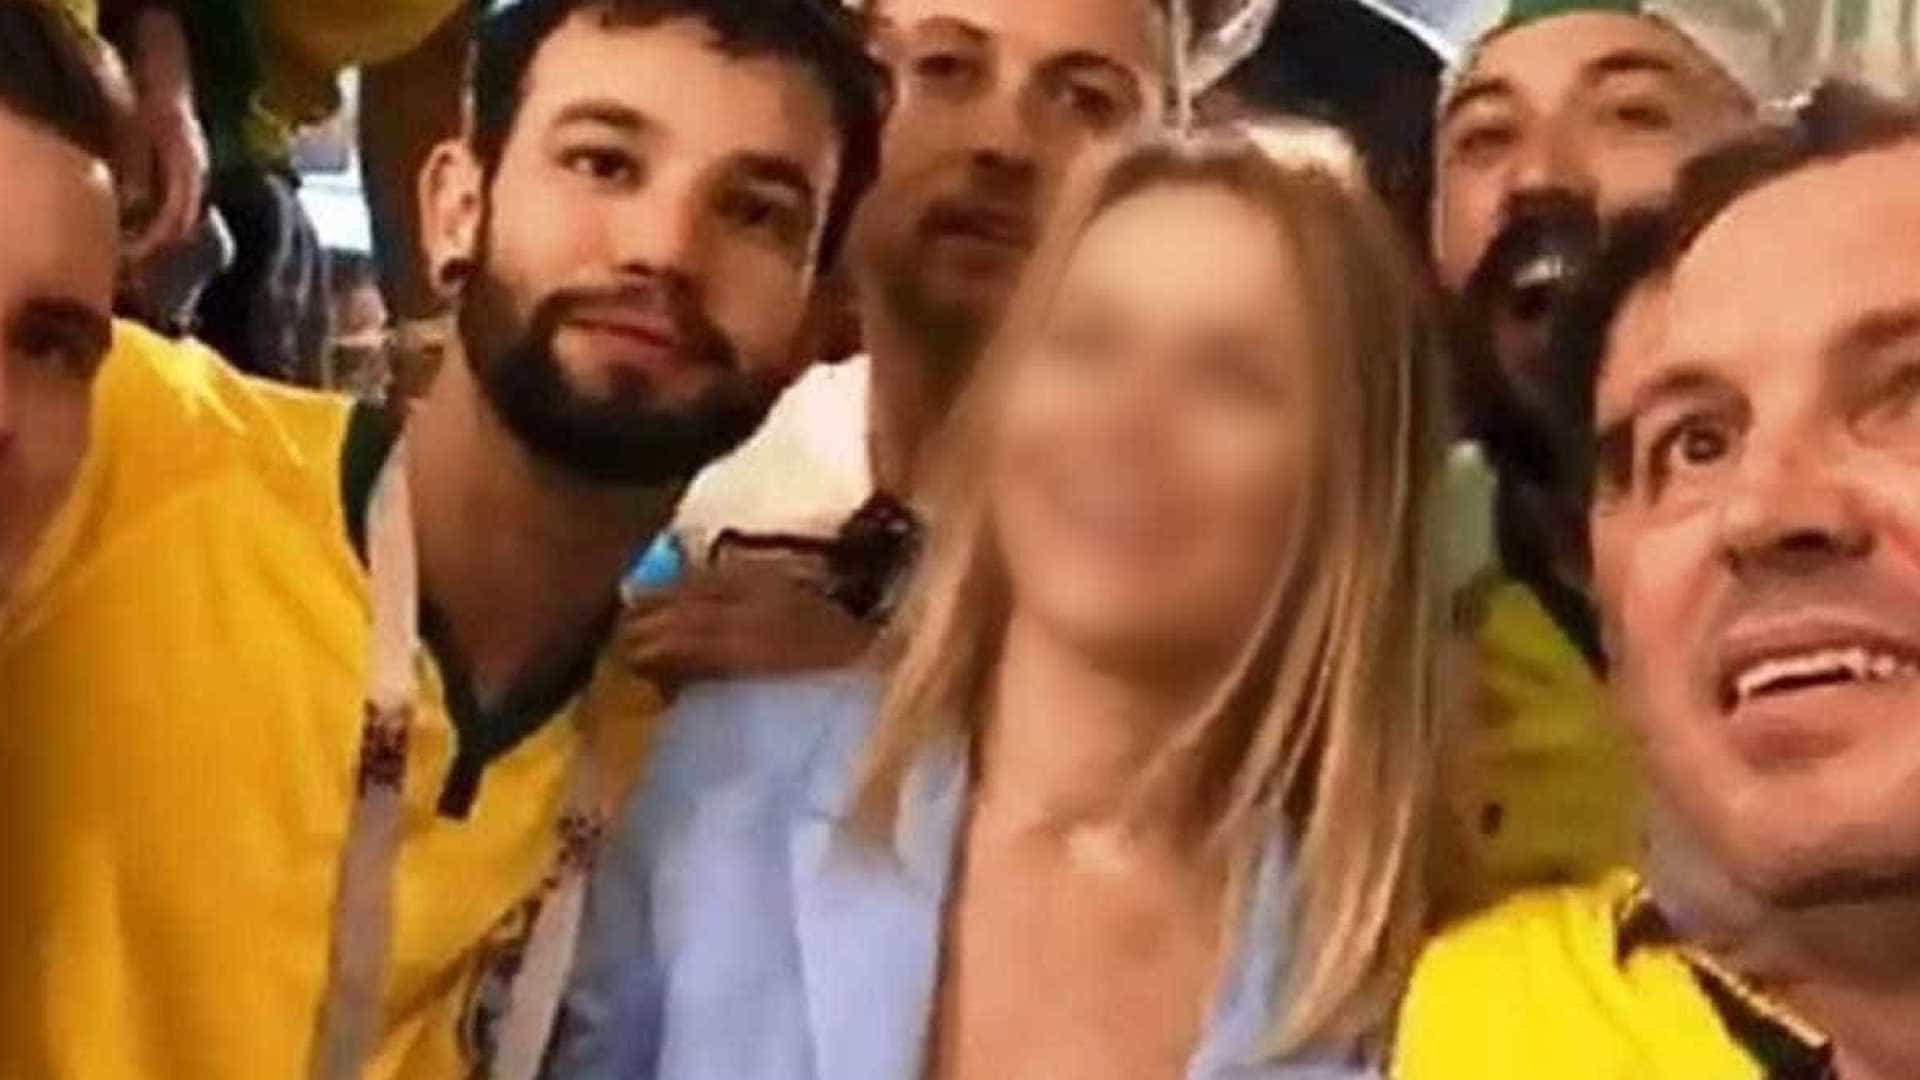 Machismo marca comportamento de torcedores na Rússia; veja novo vídeo